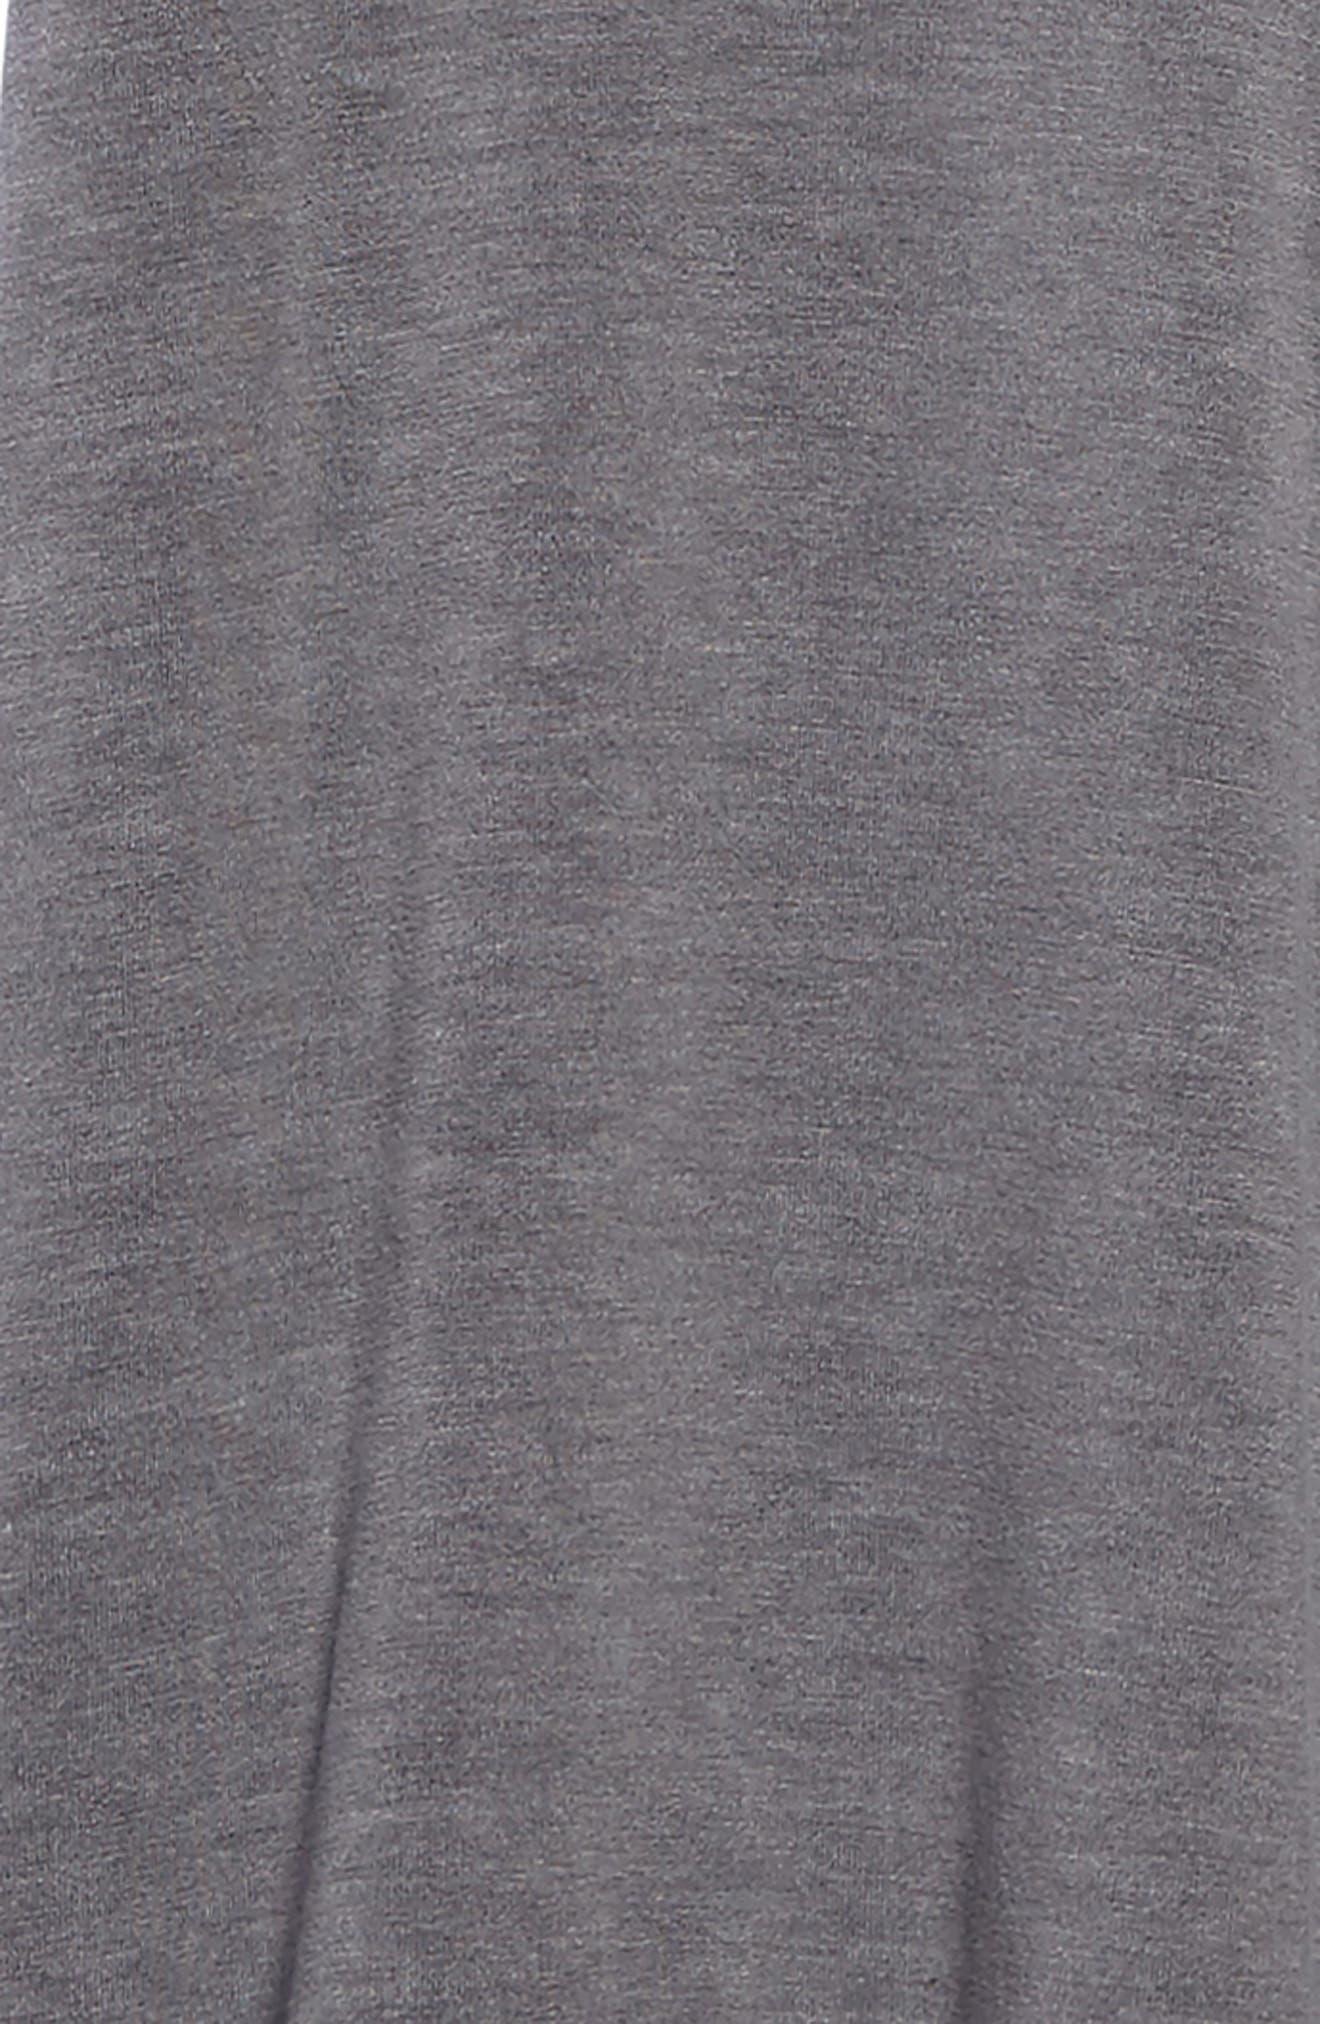 Cold Shoulder Jersey Dress,                             Alternate thumbnail 3, color,                             Grey Castlerock